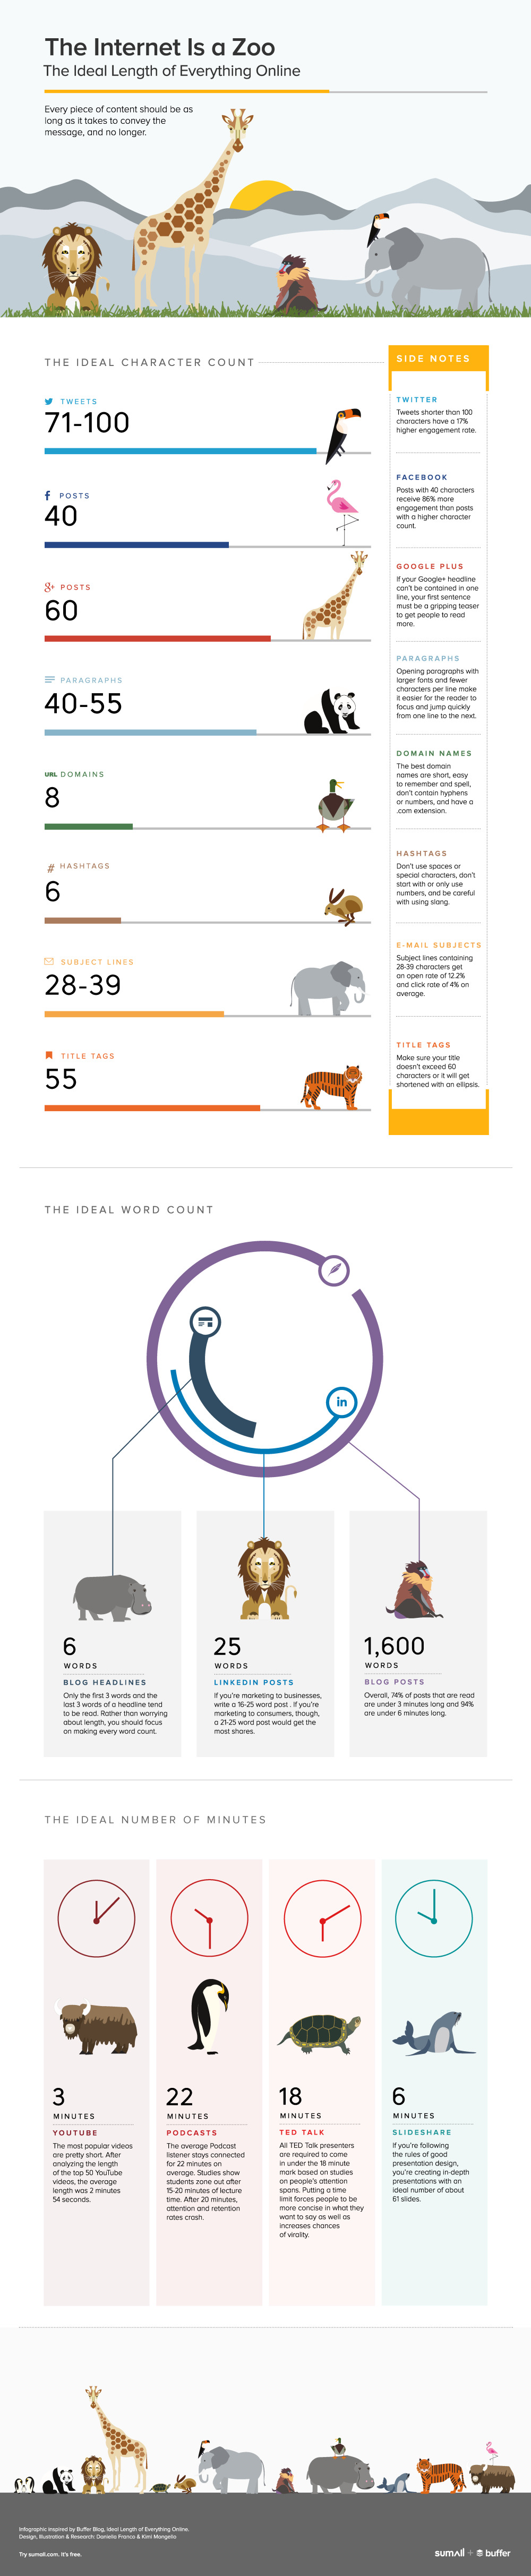 infographie-longueur-ideale-publication